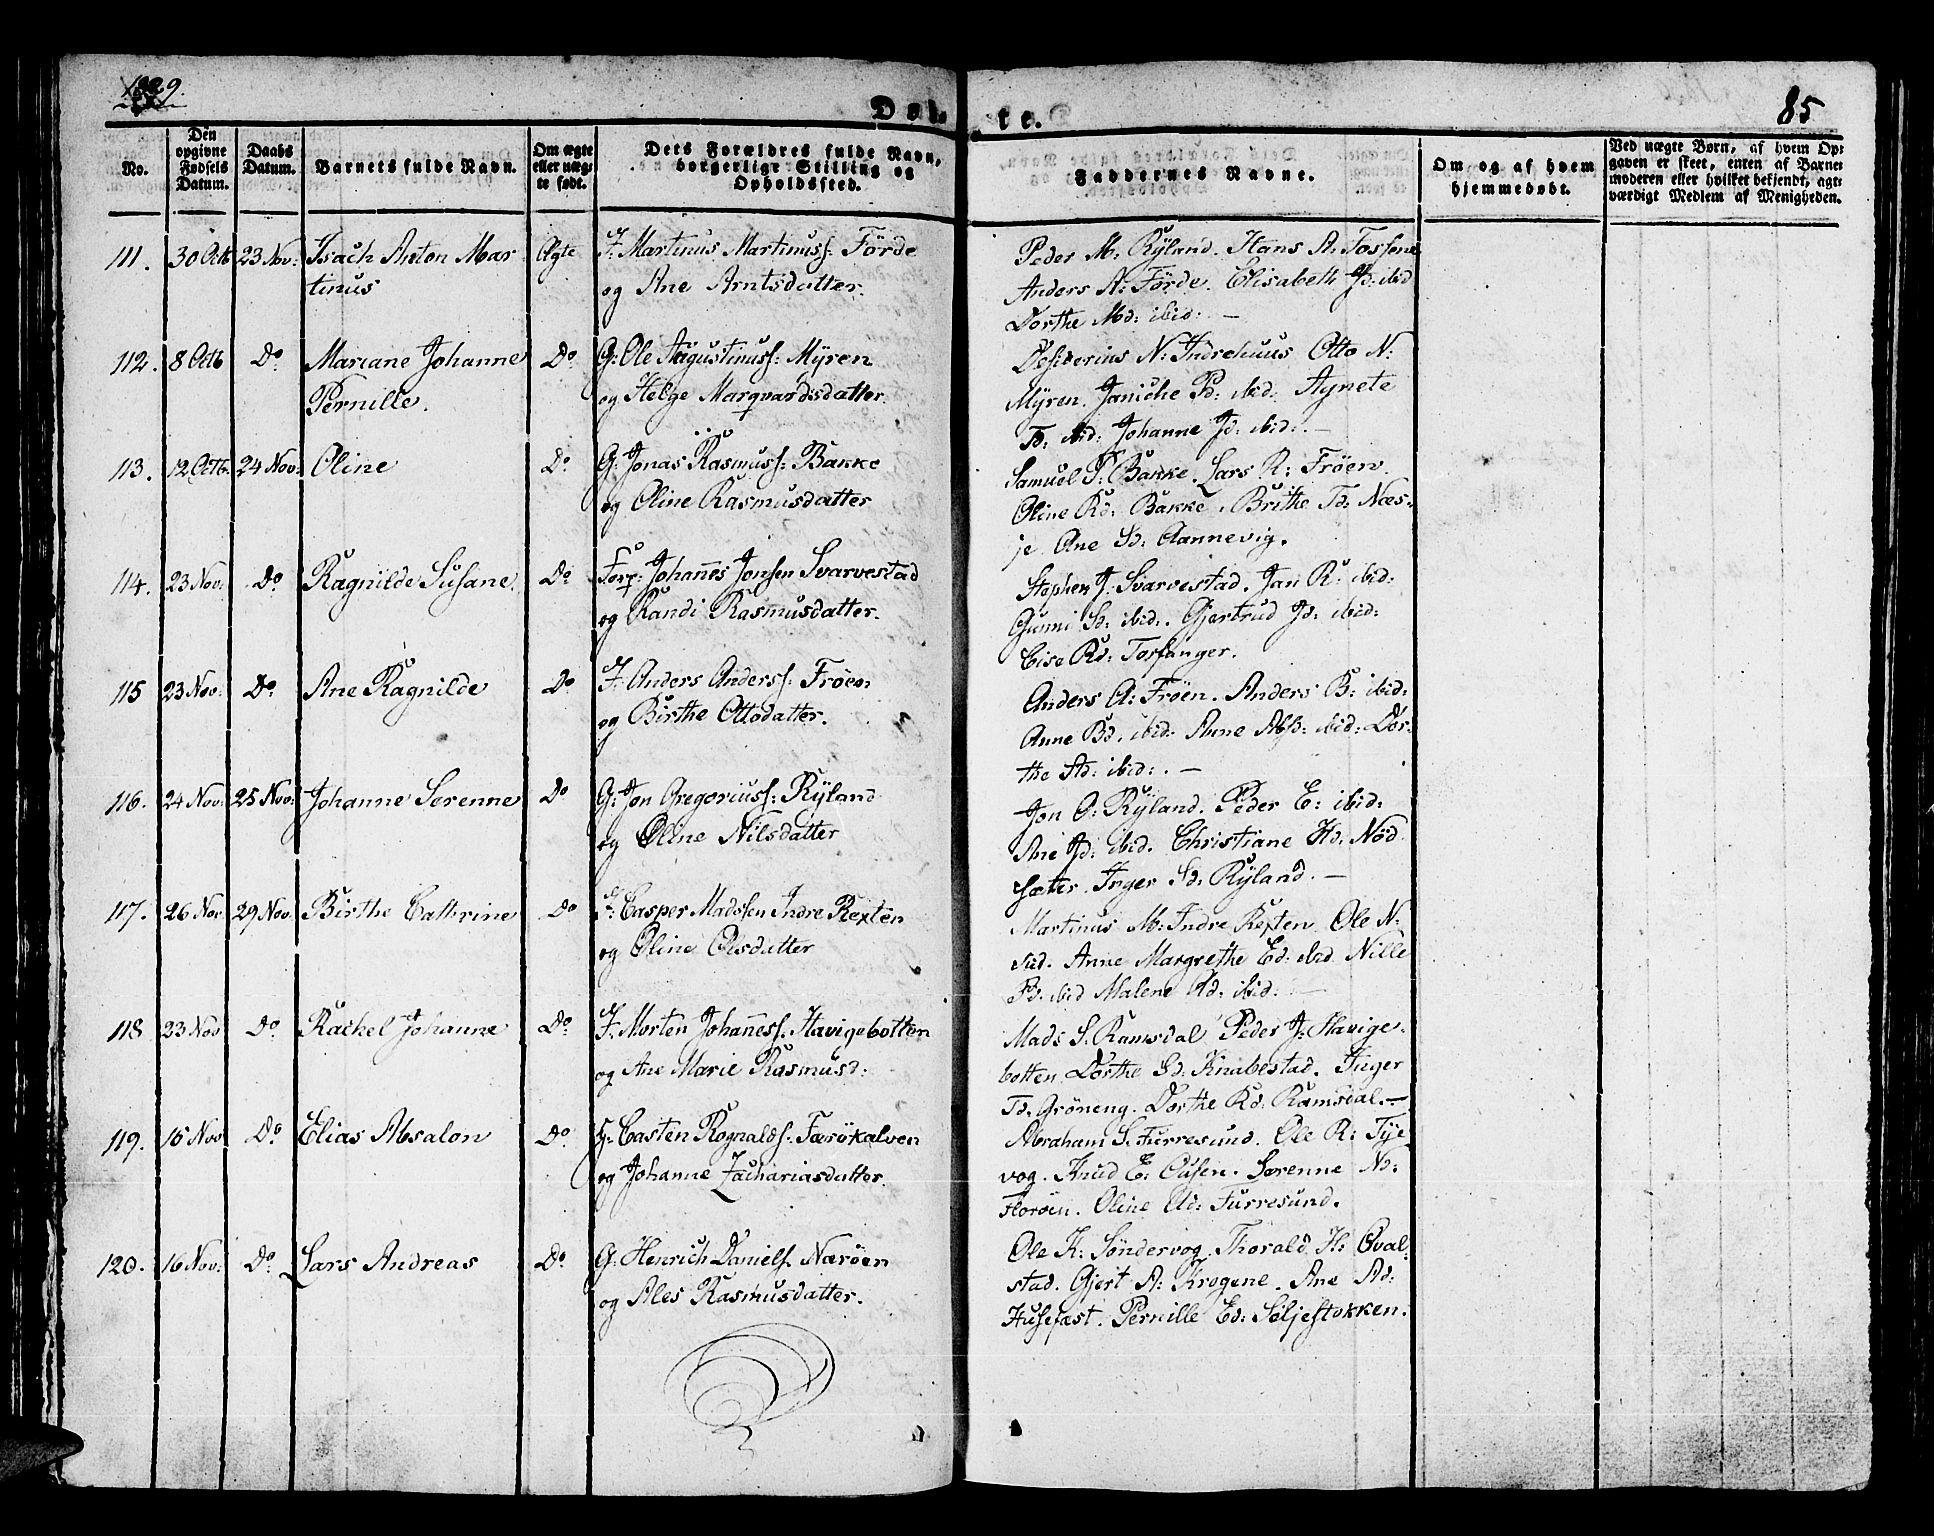 SAB, Kinn Sokneprestembete, Ministerialbok nr. A 4I, 1822-1840, s. 85